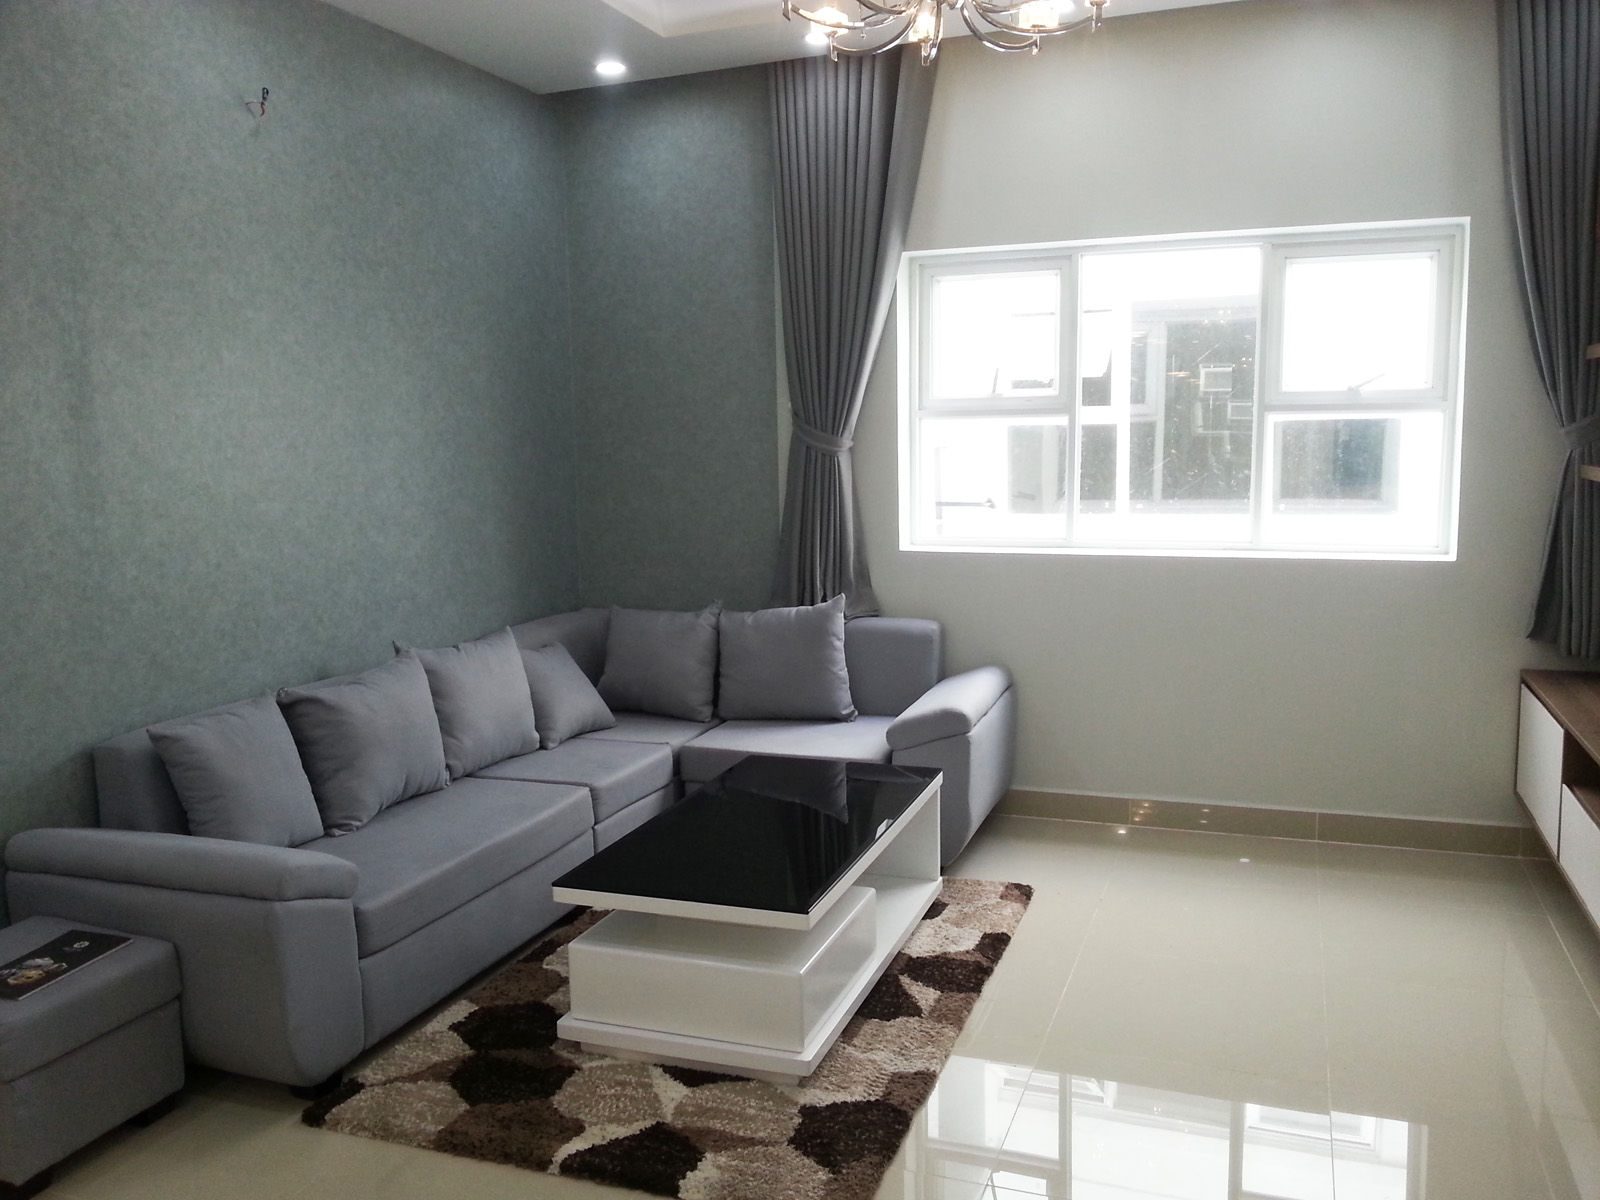 Phòng khách thực tế nhà mẫu căn hộ Oriental Plaza